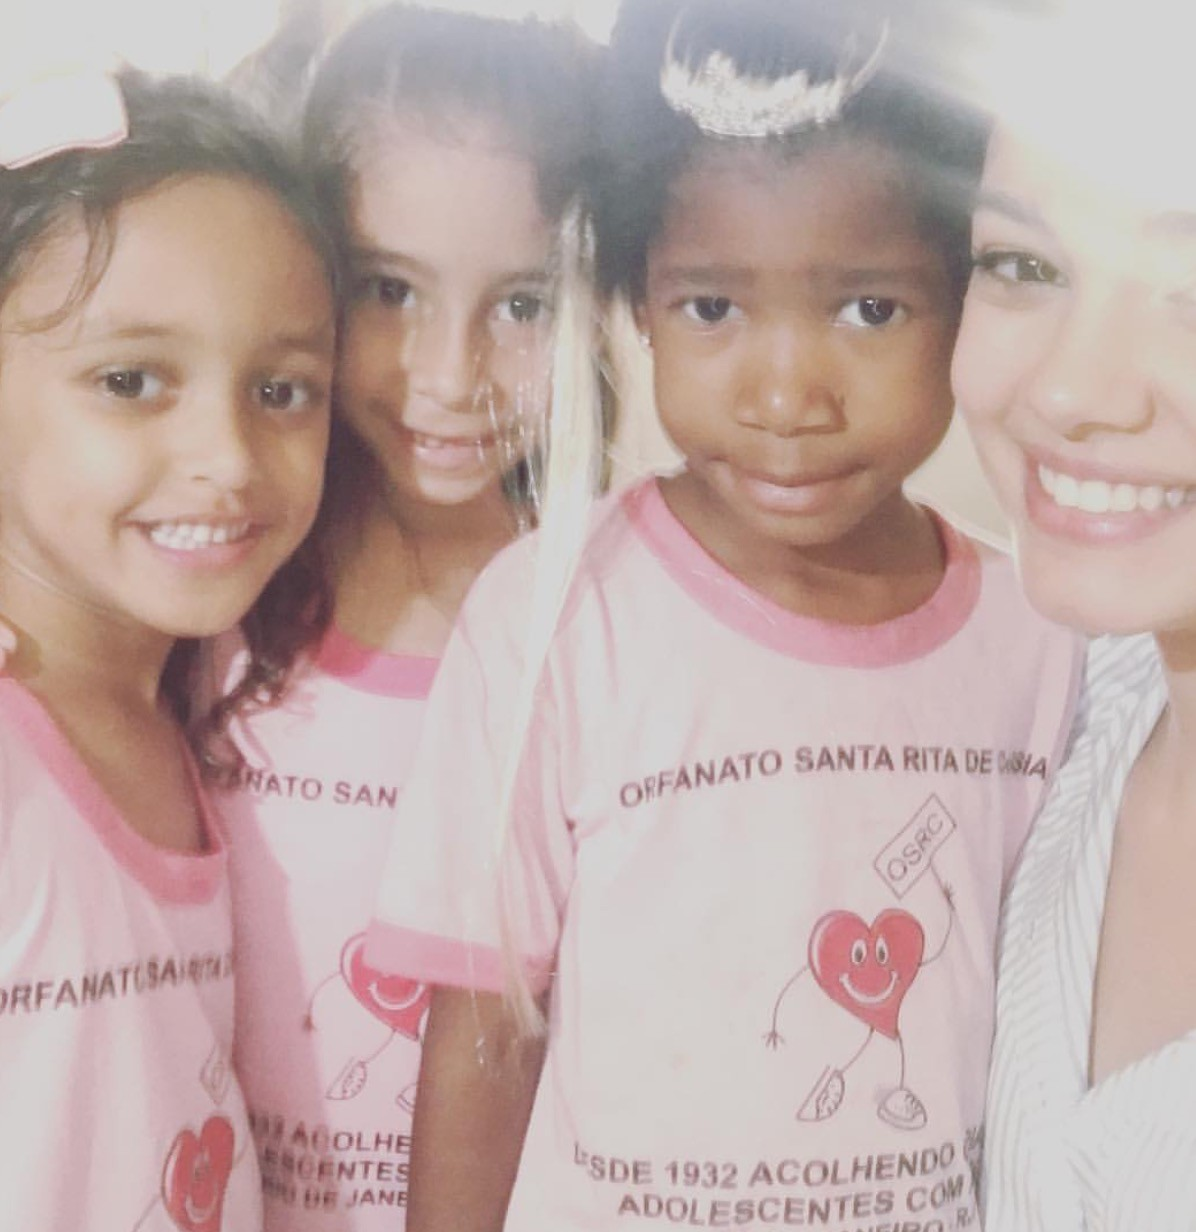 Sophie Charlotte com crianças em orfanato (Foto: Reprodução/Instagram)